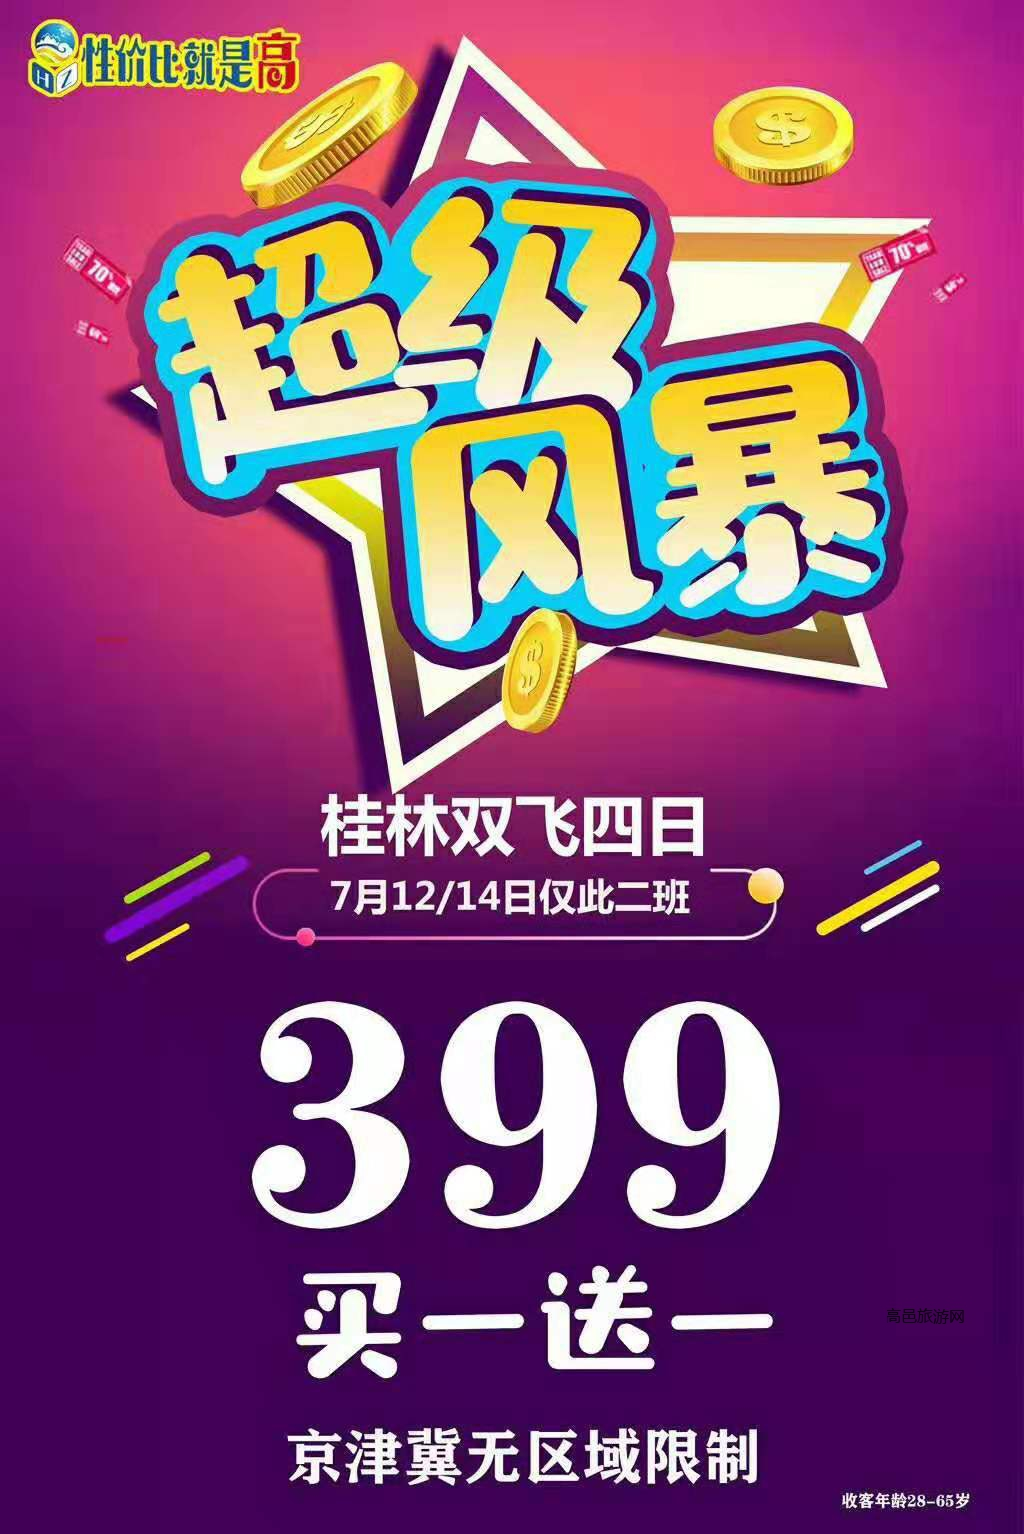 【限时秒杀】桂林双飞4日399元买一送一